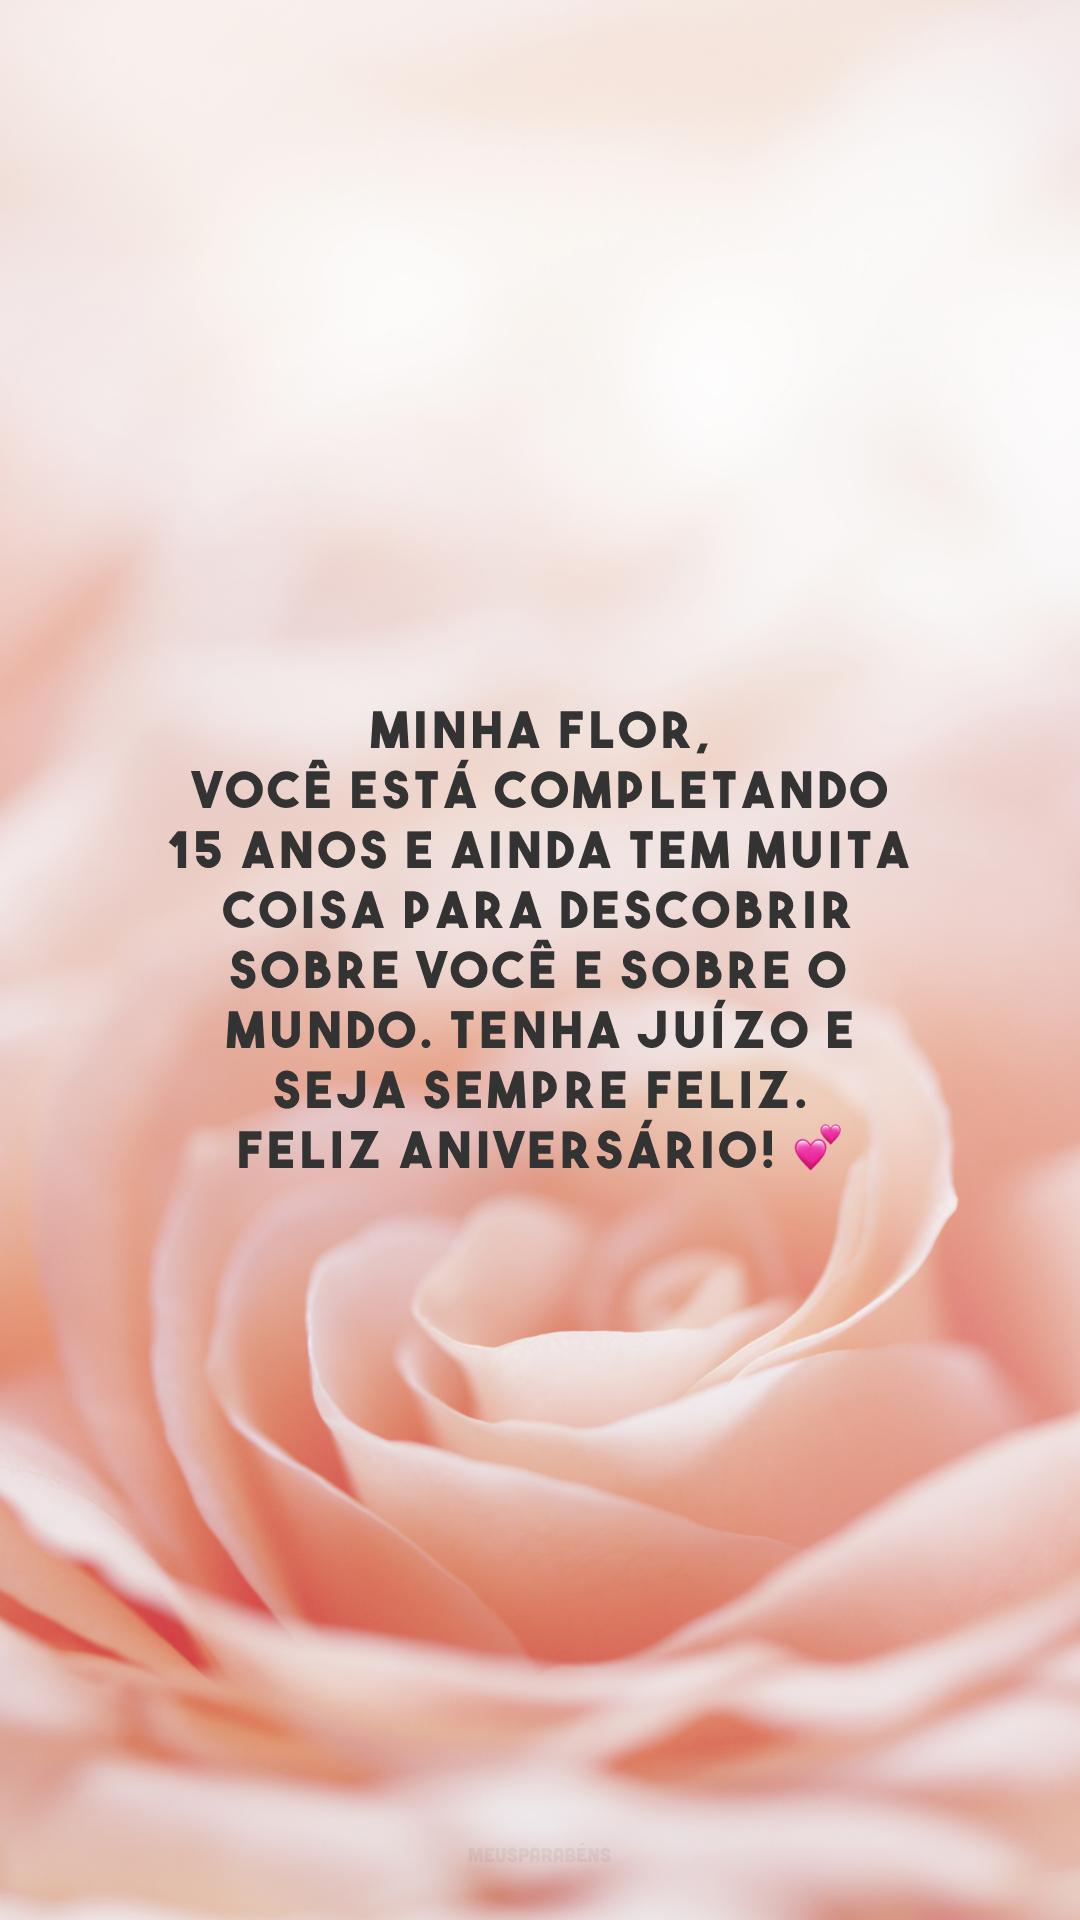 Minha flor, você está completando 15 anos e ainda tem muita coisa para descobrir sobre você e sobre o mundo. Tenha juízo e seja sempre feliz. Feliz aniversário! 💕